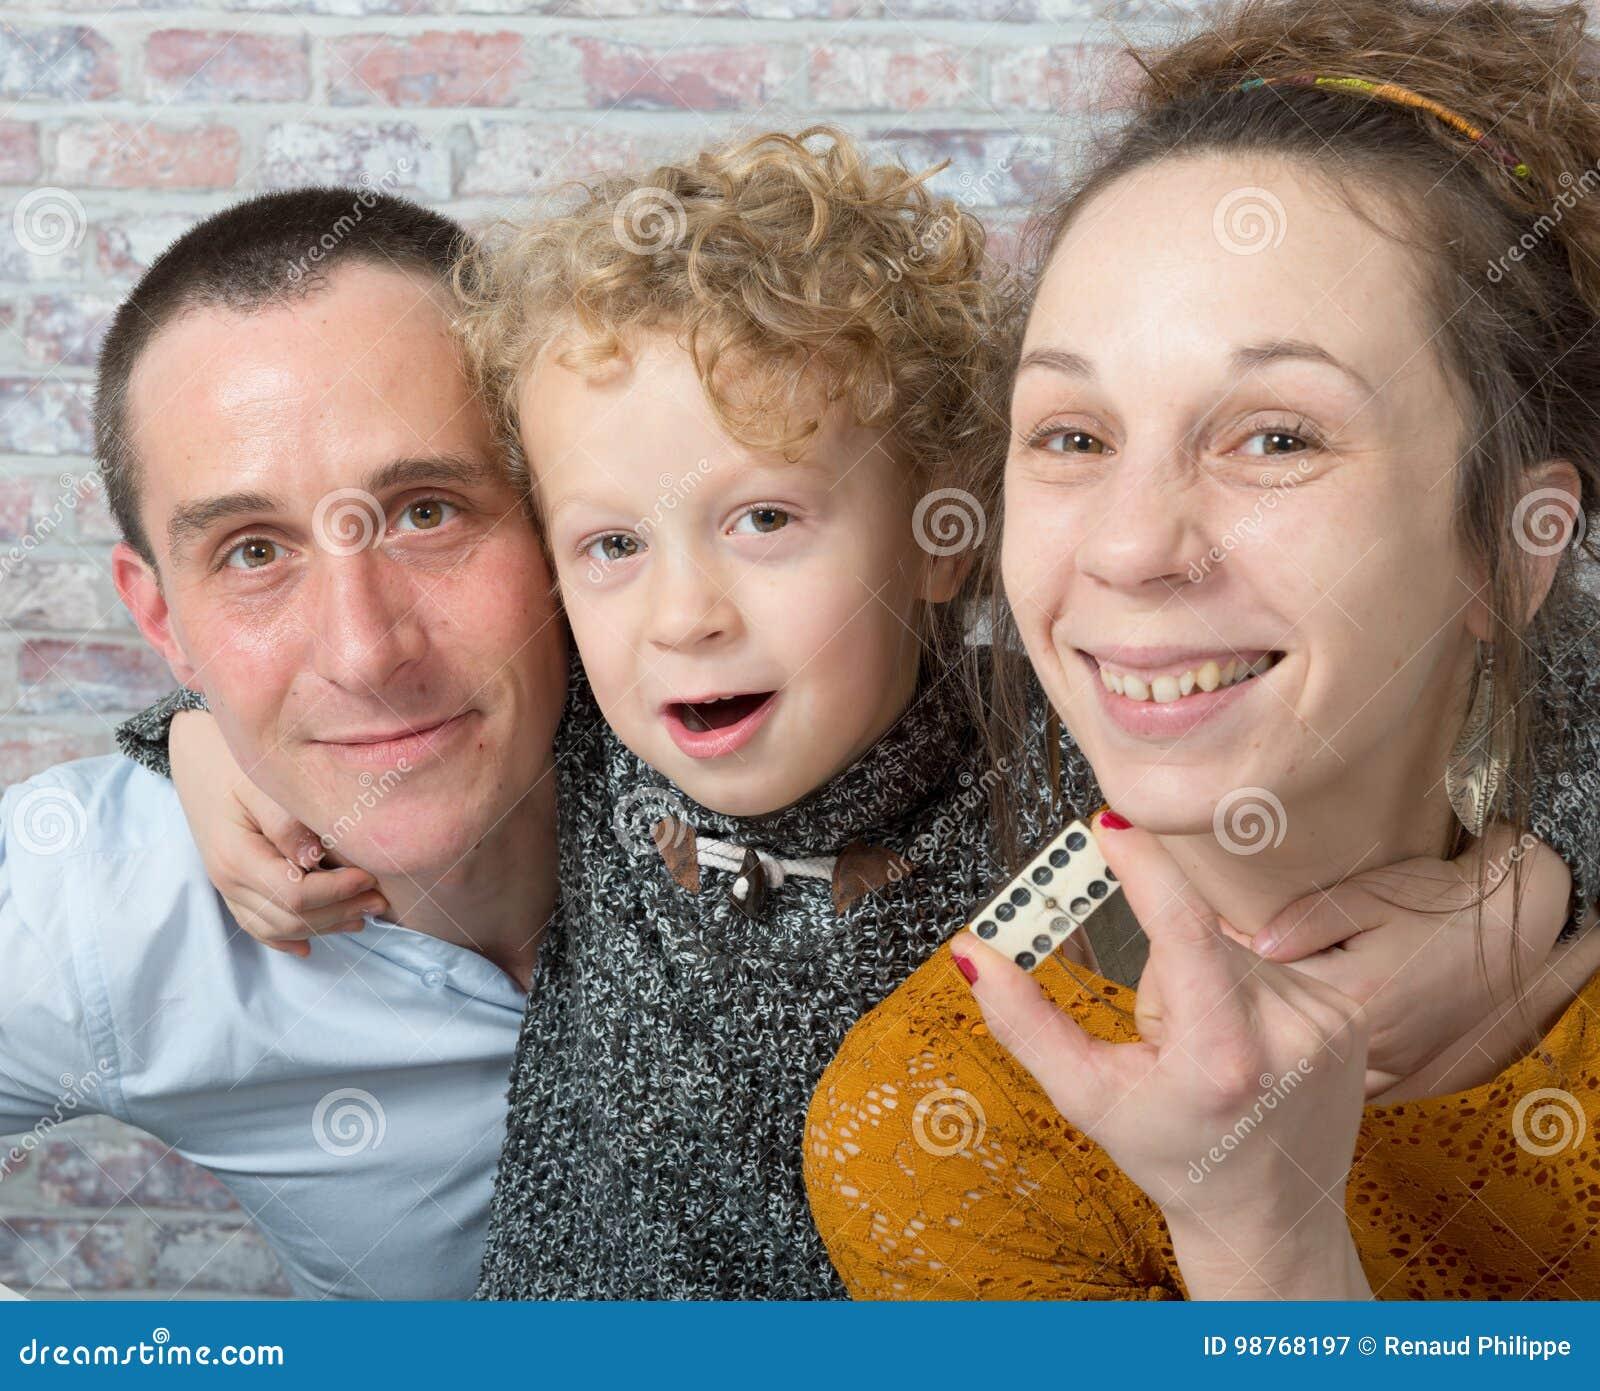 Дом странных детей ева грин фото